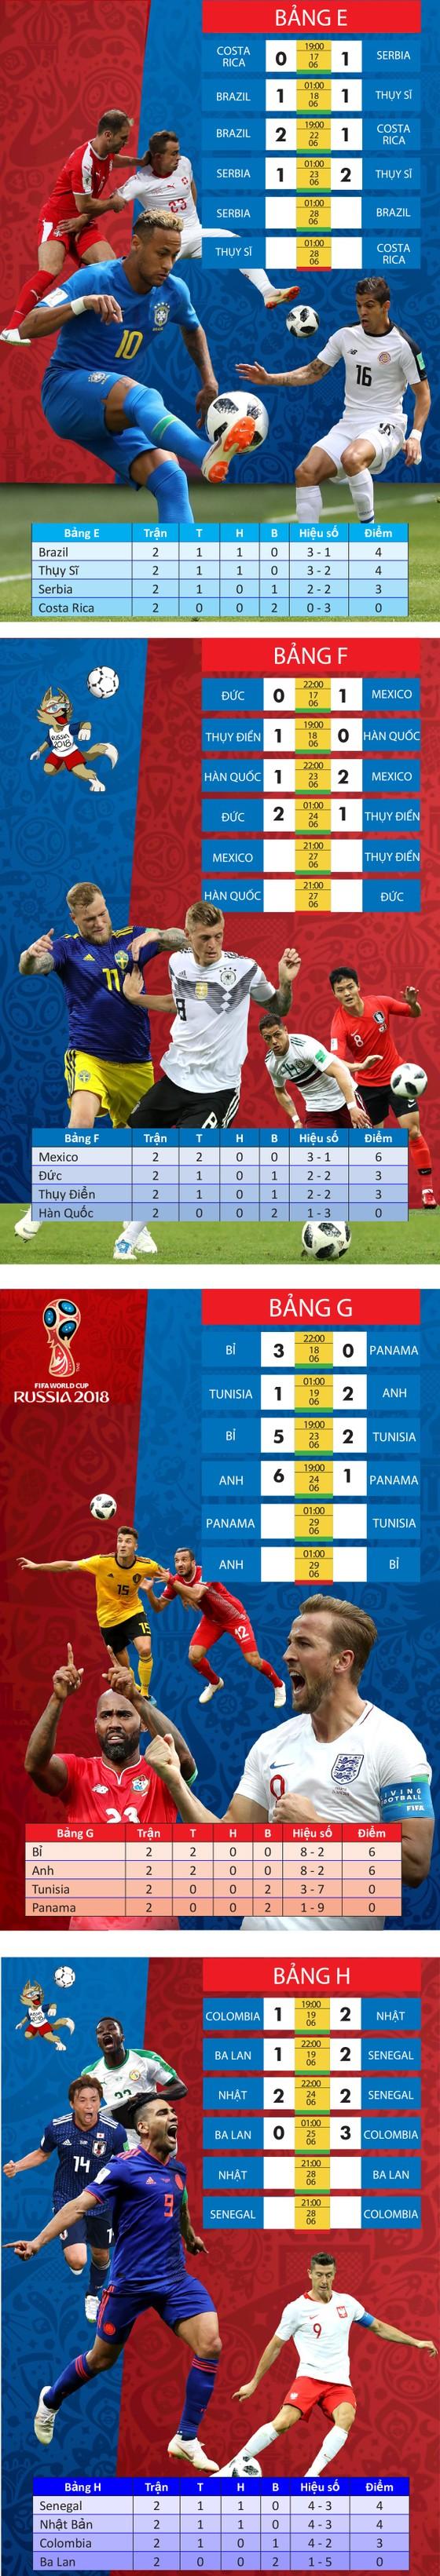 Lịch thi đấu WORLD CUP 2018 (giai đoạn 3) - chia theo bảng ảnh 2